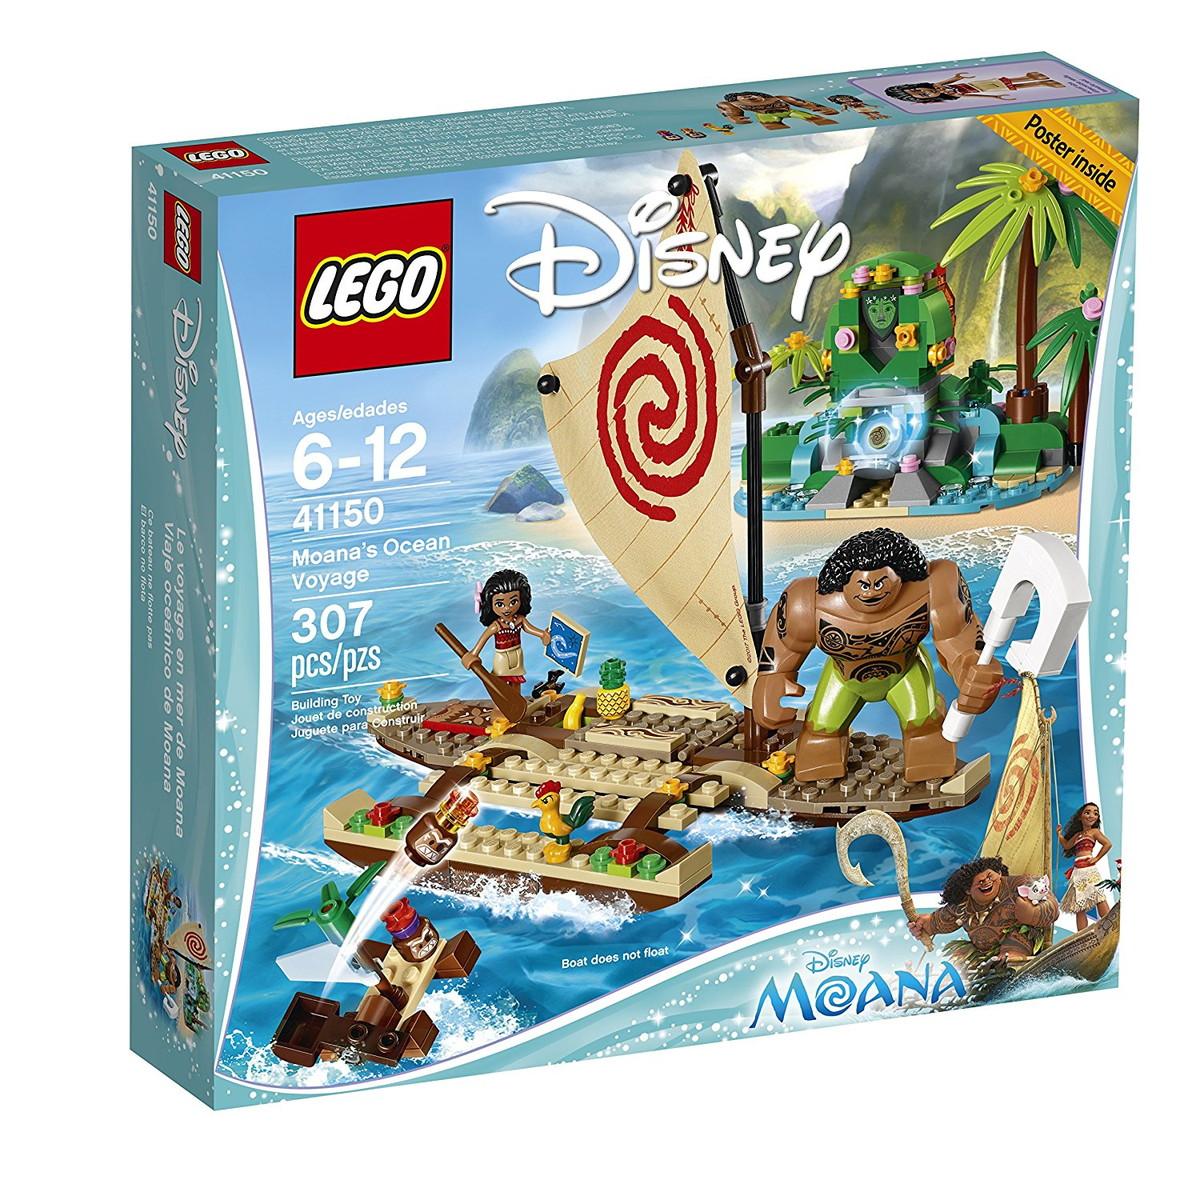 レゴ 海外版 モアナと伝説の海 307ピース グッズ ディズニー フィギュア おもちゃ